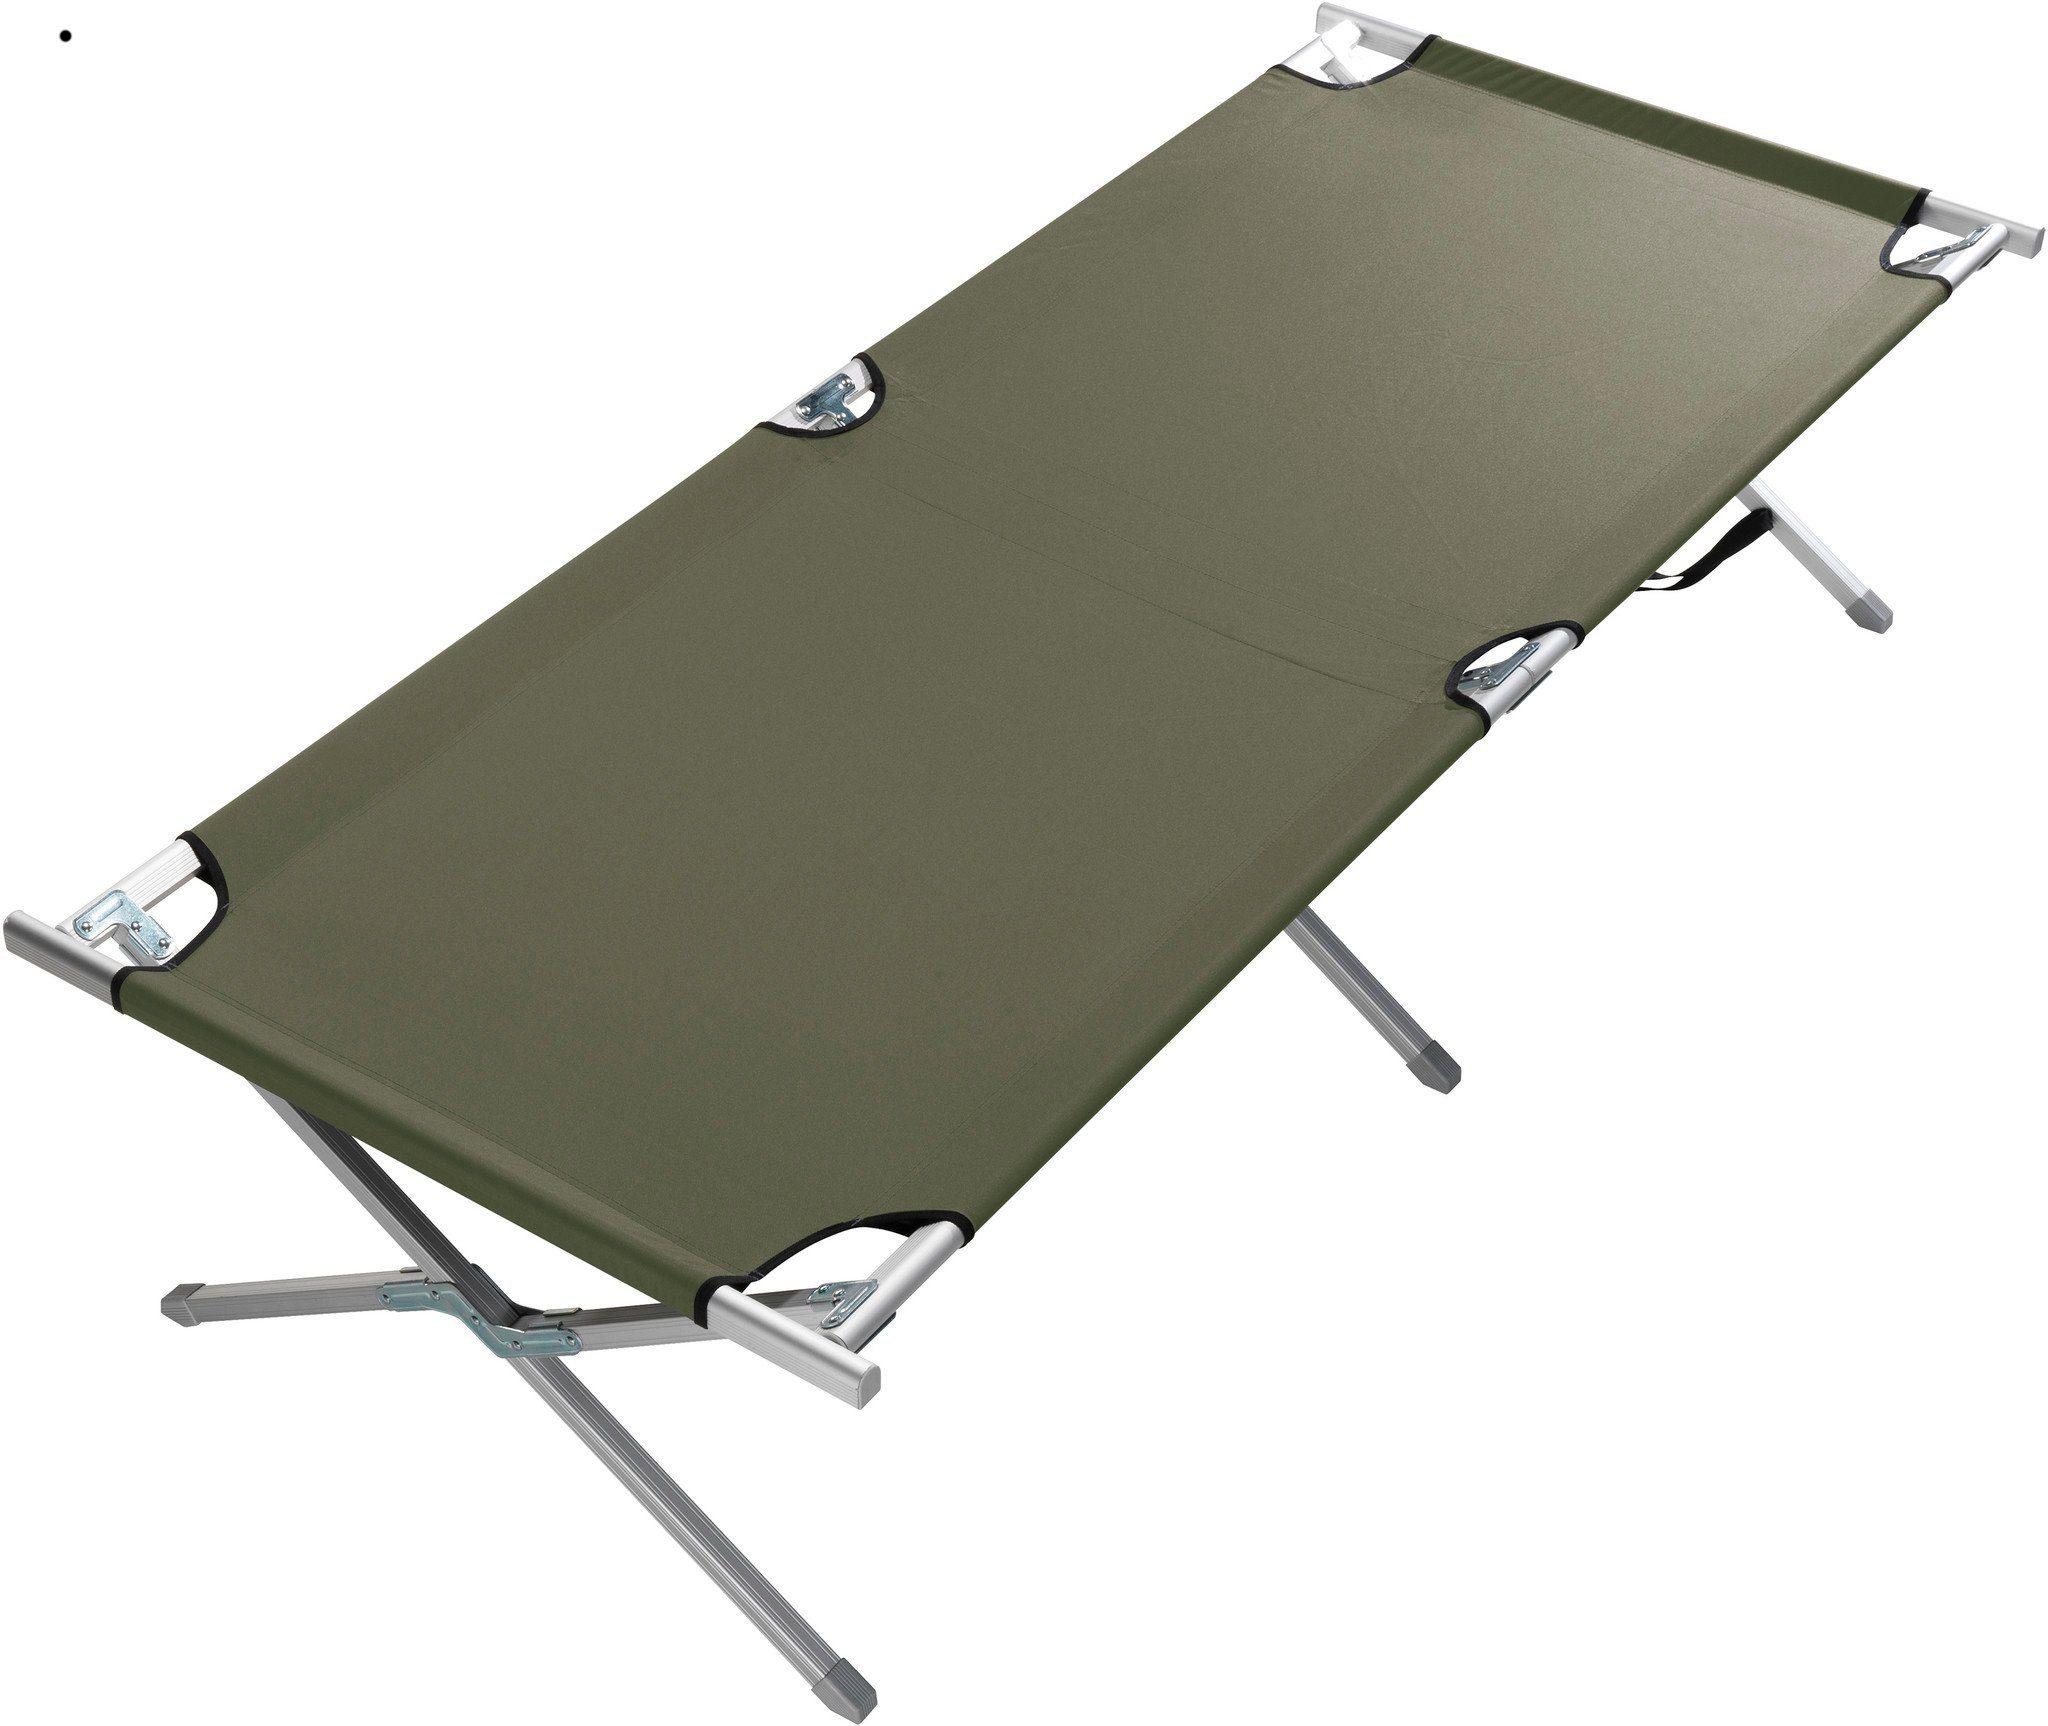 Grand Canyon Bett & Liegen »Alu Camping Bed Extra Strong M«